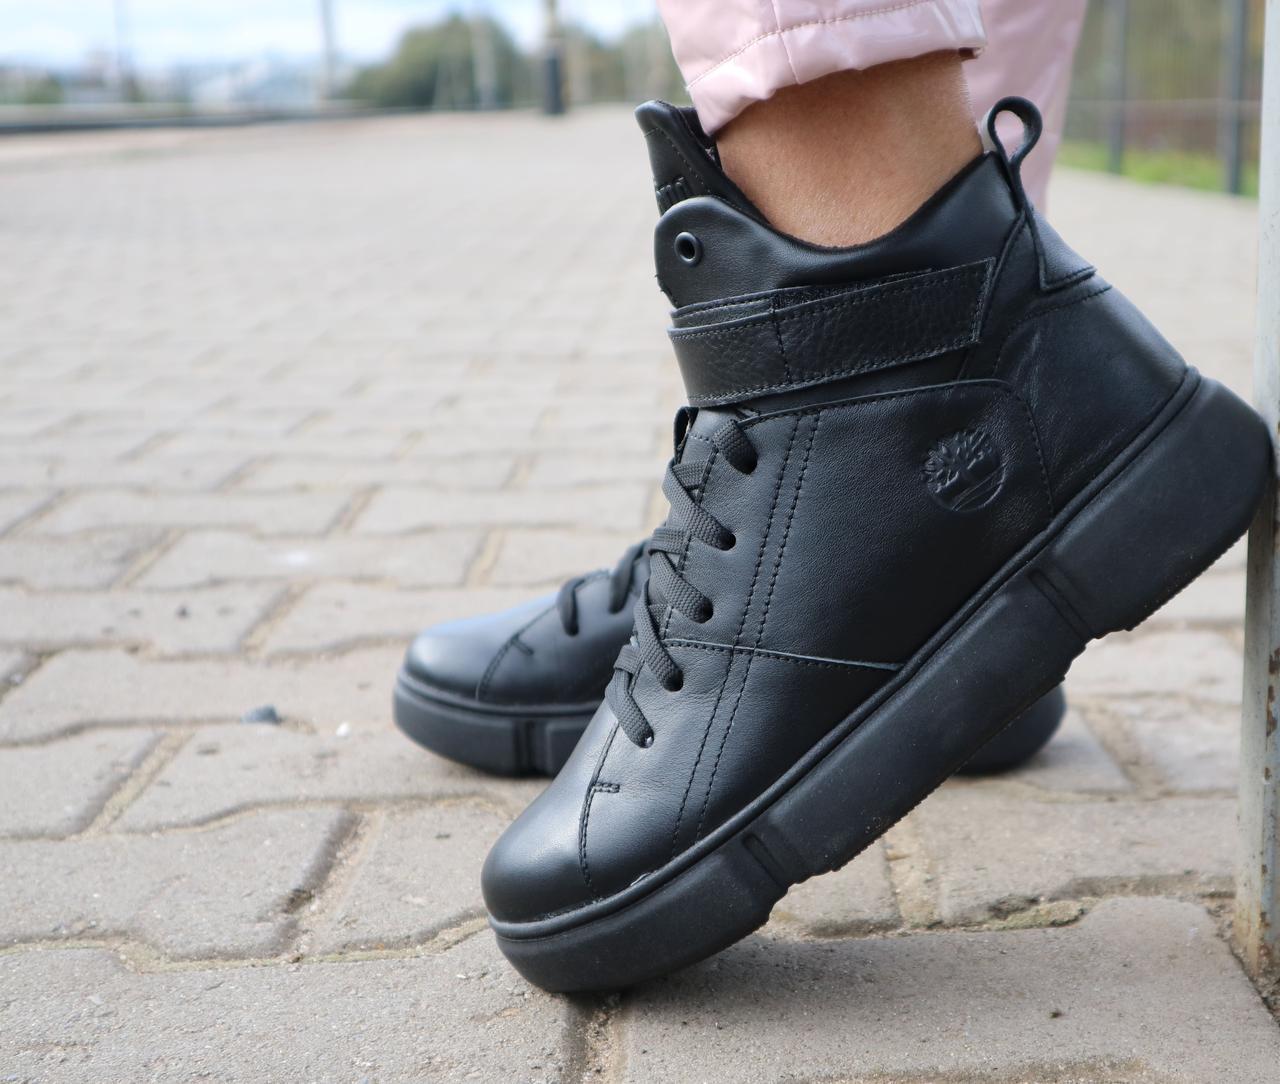 Ботинки женские Road-style БС105-01К черные (натуральная кожа, зима)